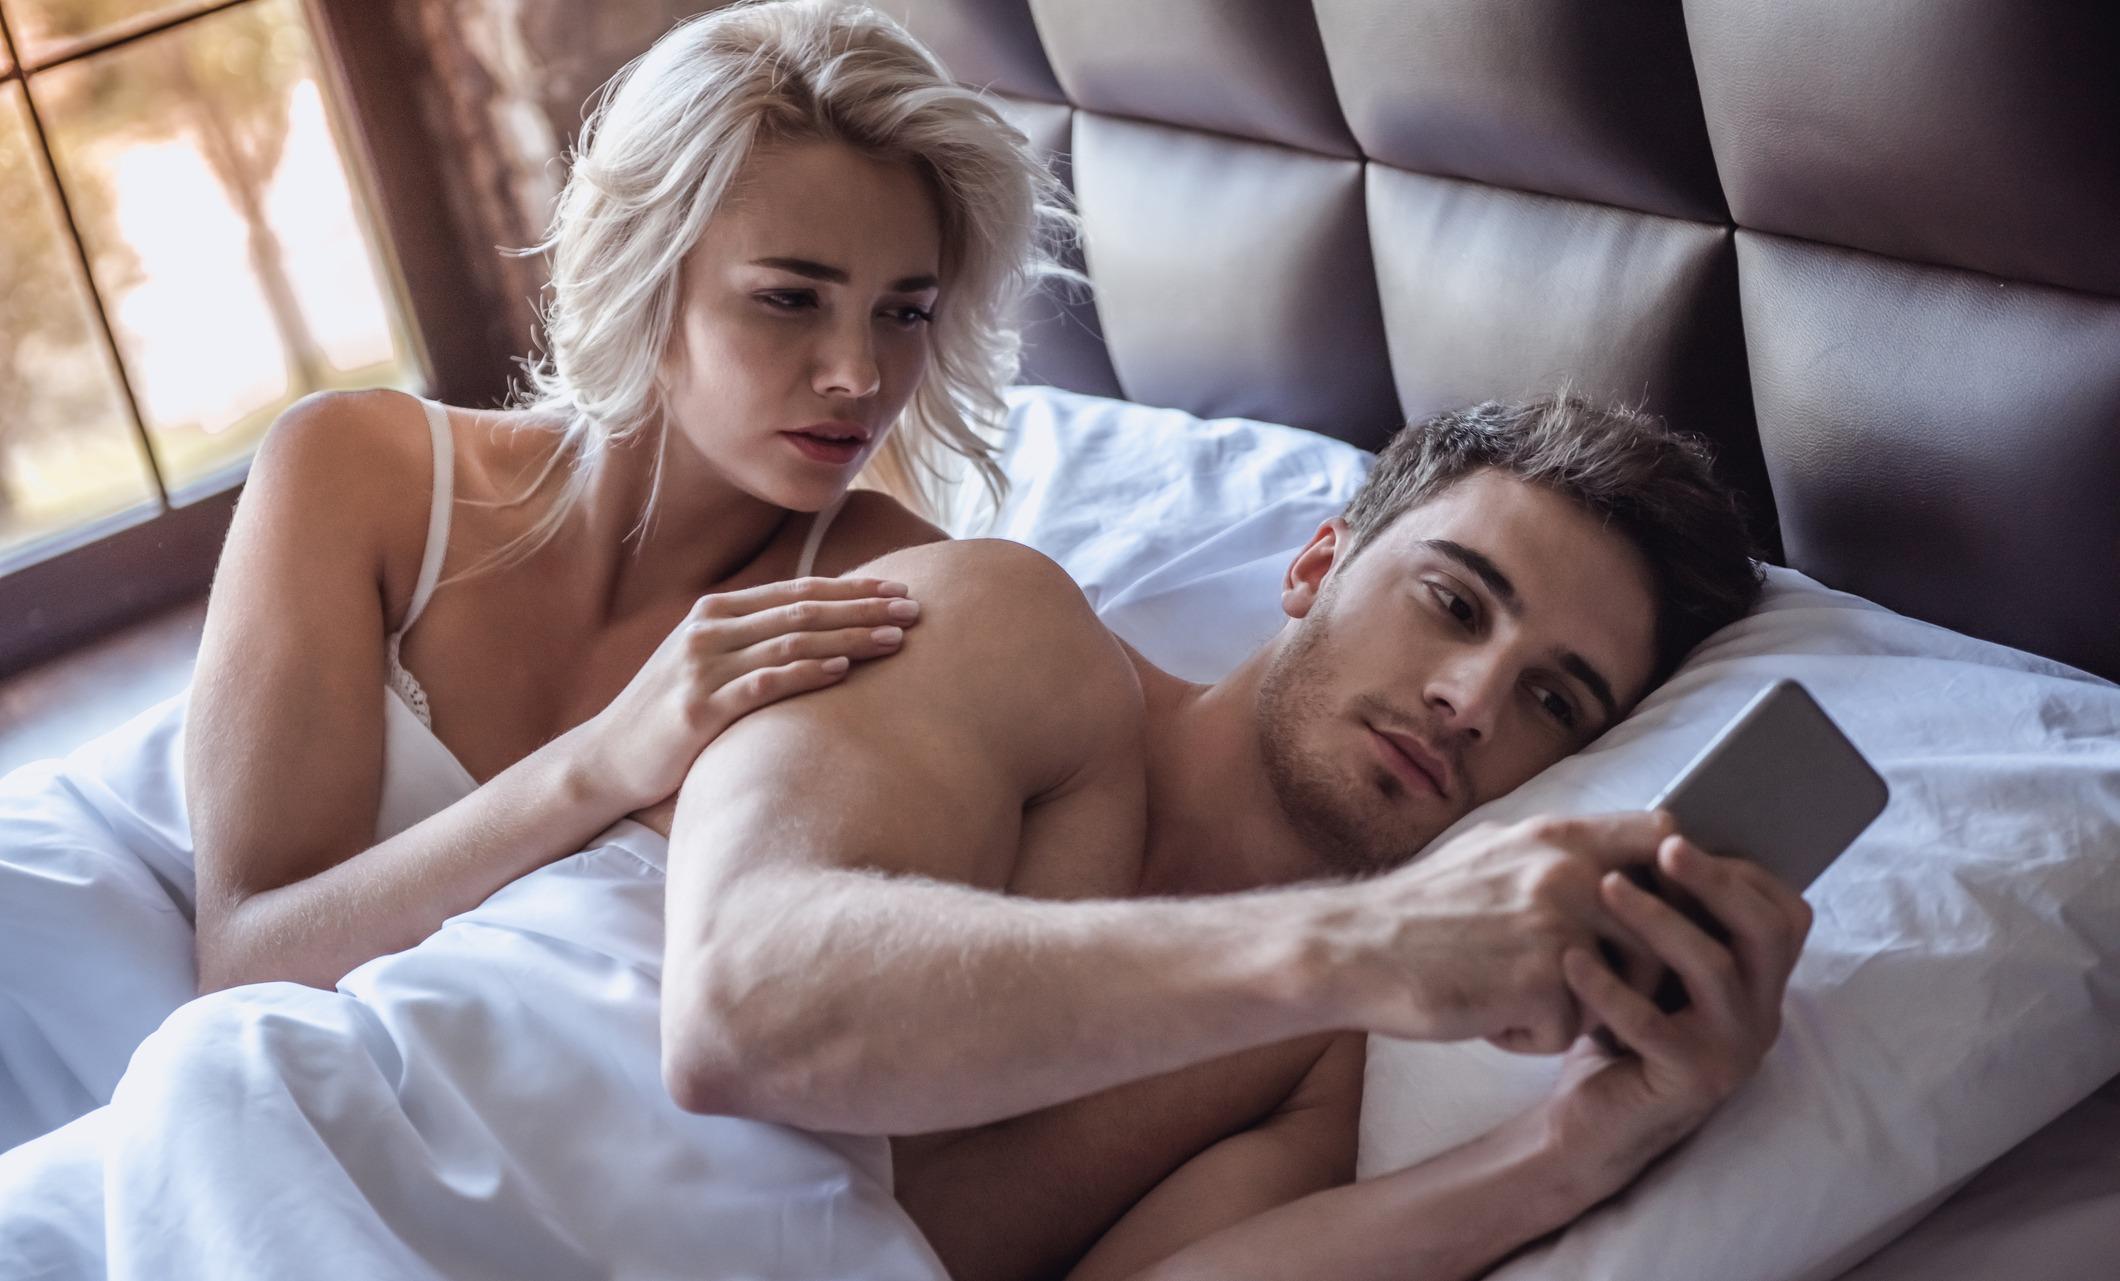 Супружеской неверности можно избежать, уделяя больше внимания второй половине